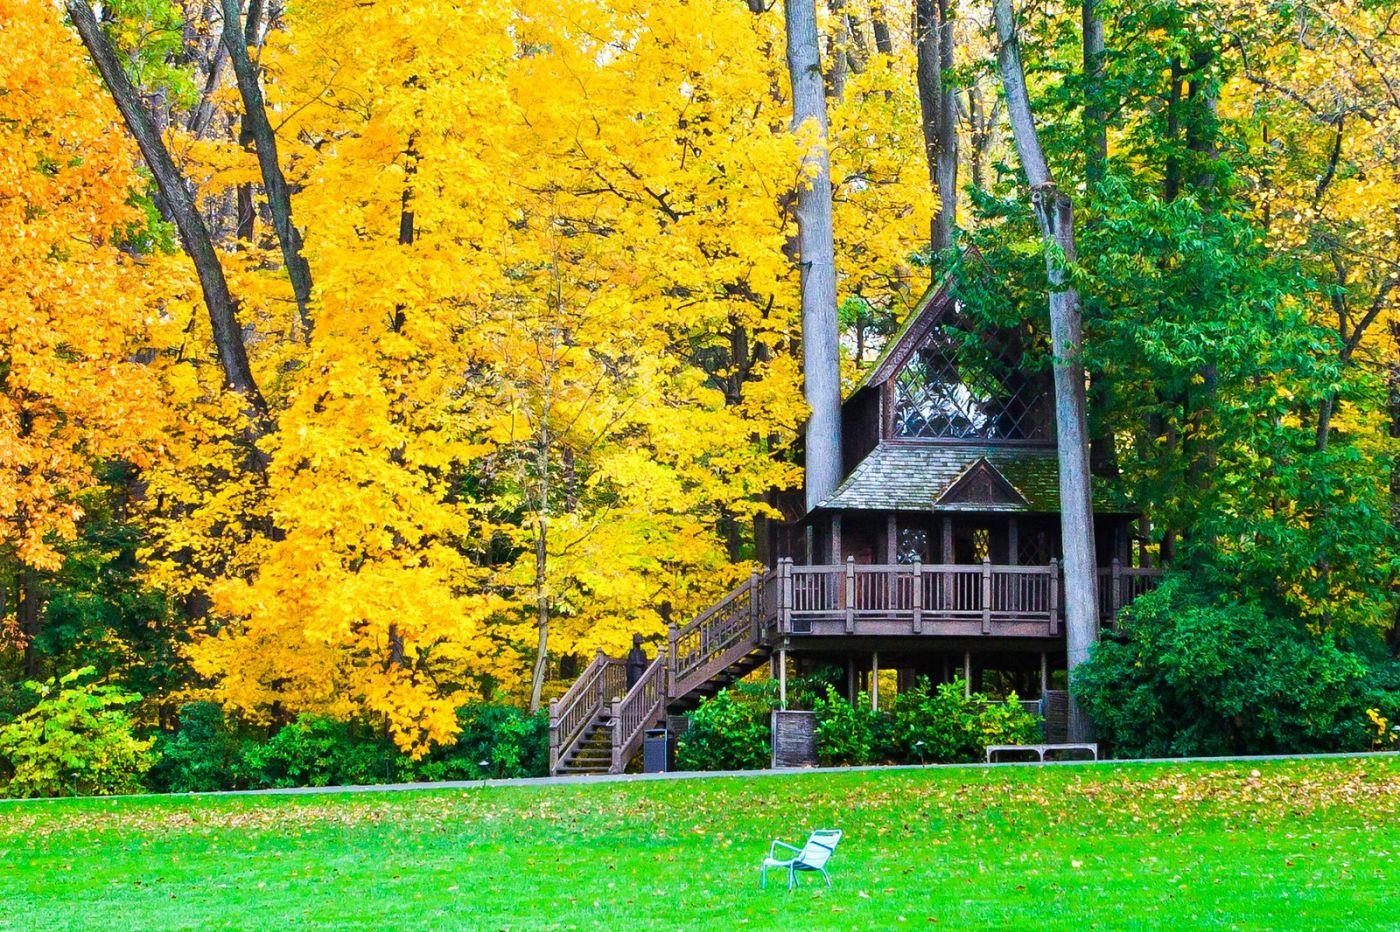 宾州长木公园,熟悉的景色_图1-11